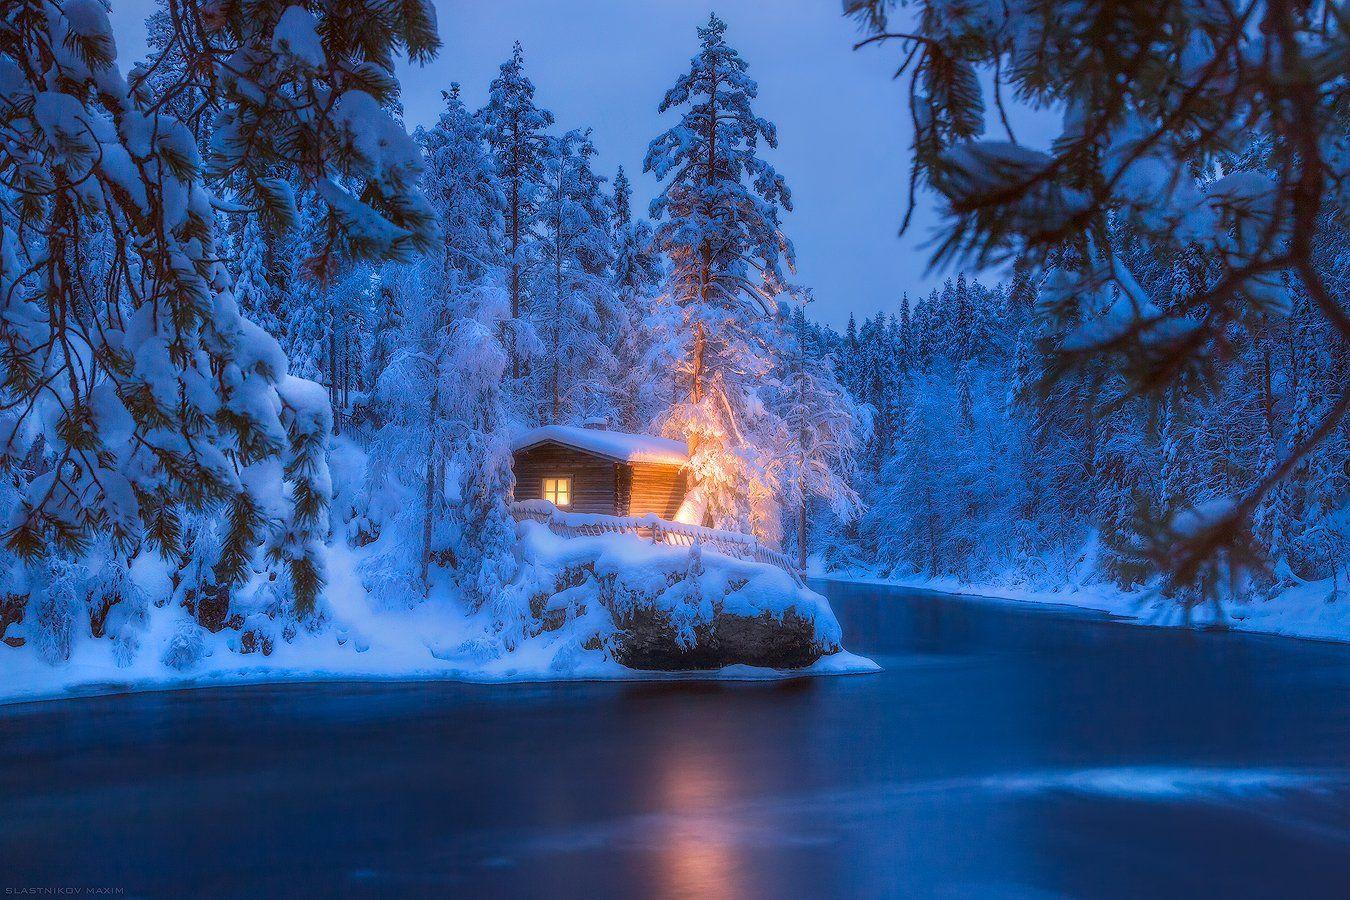 финляндия, лапландия, снег, ночь, река, лес, холмы, зима, новый, год, сказка, свет, light, snow, wind, travel, lapland, finland, Максим Сластников